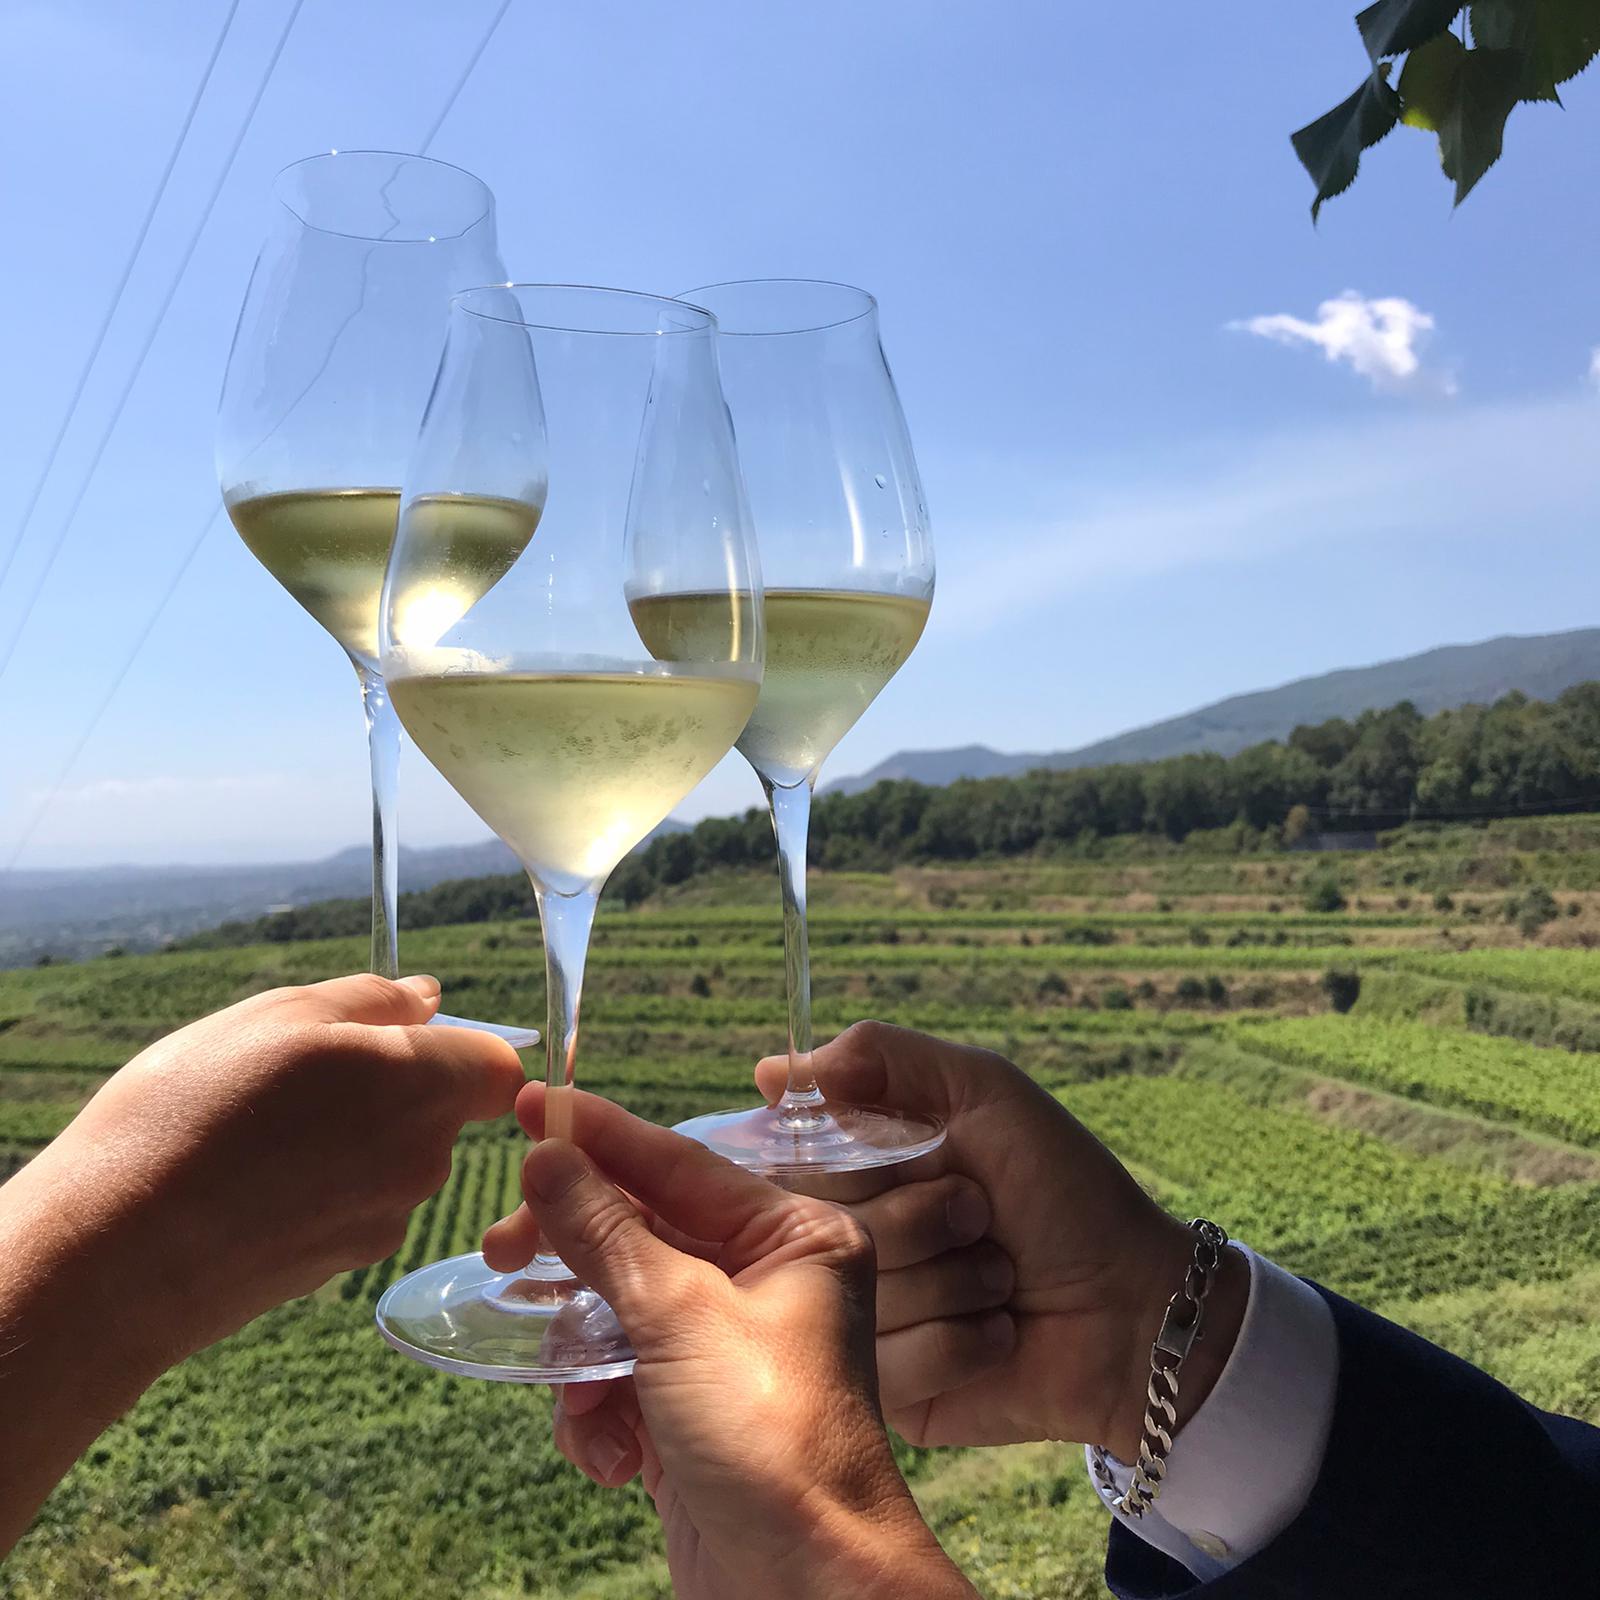 In arrivo la 41a edizione di ViniMilo e i vini vulcanici